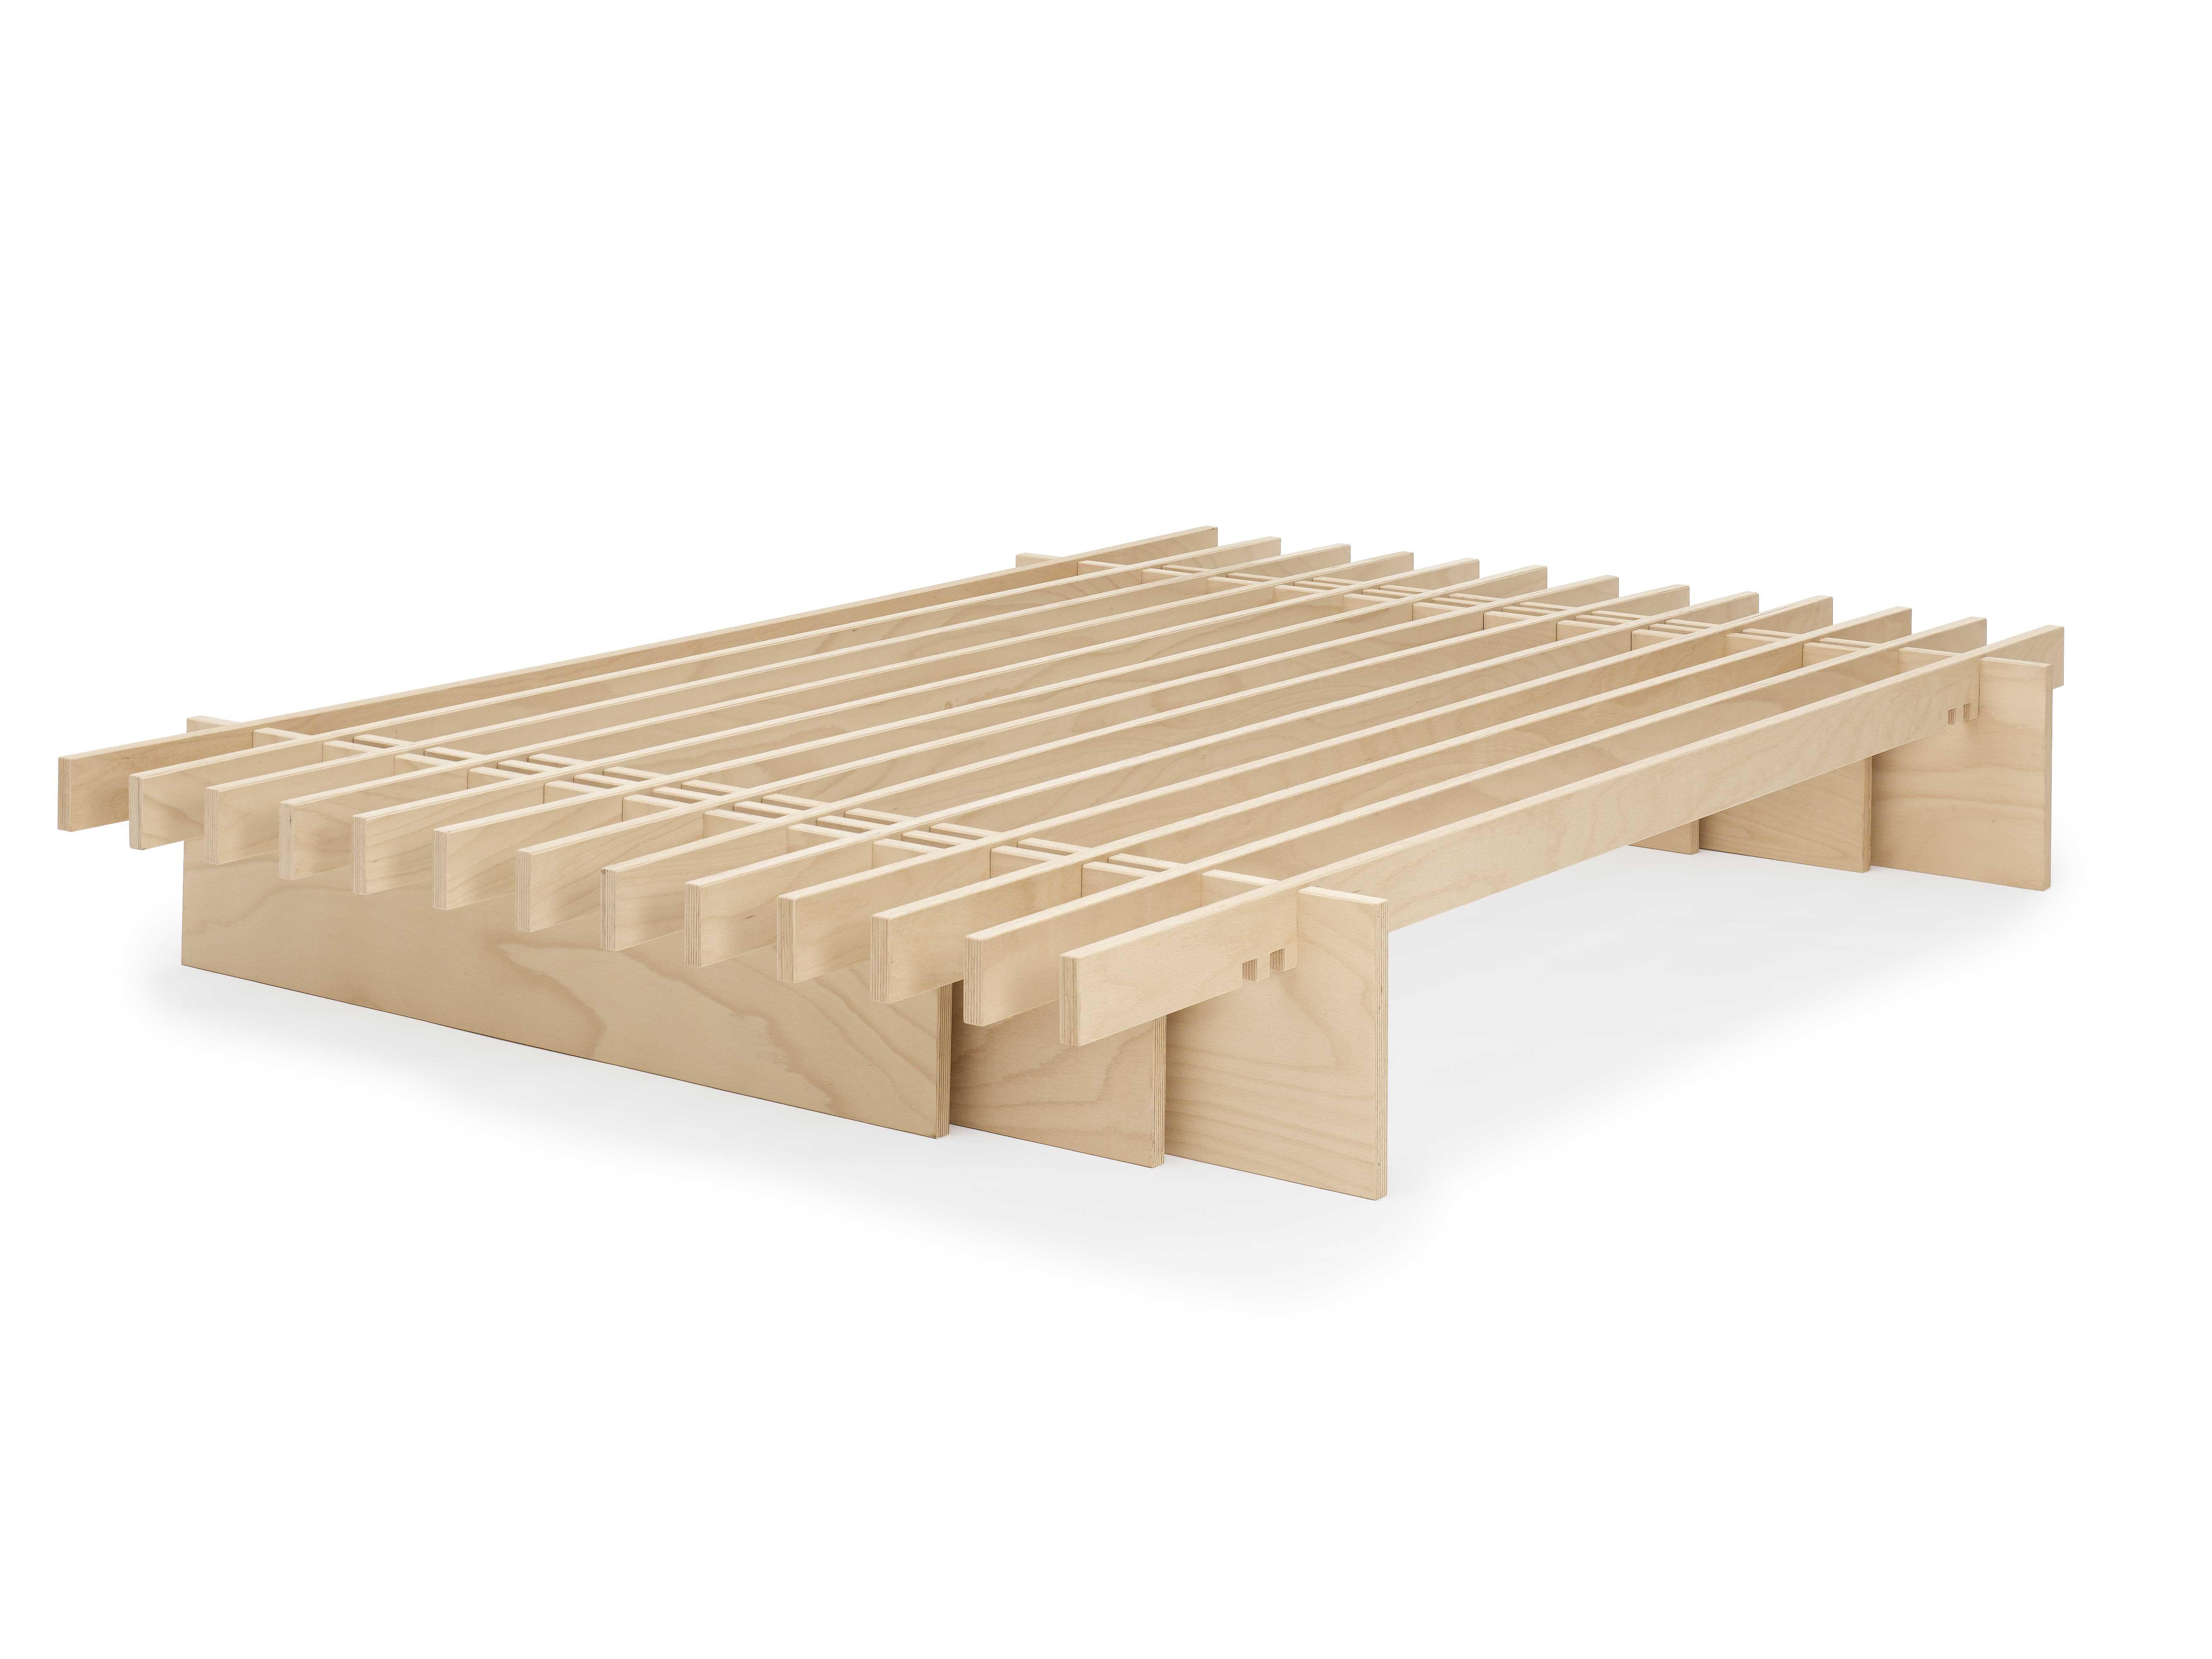 letto Dogo design ecologico doghe legno giapponese naturale (3) - Onfuton